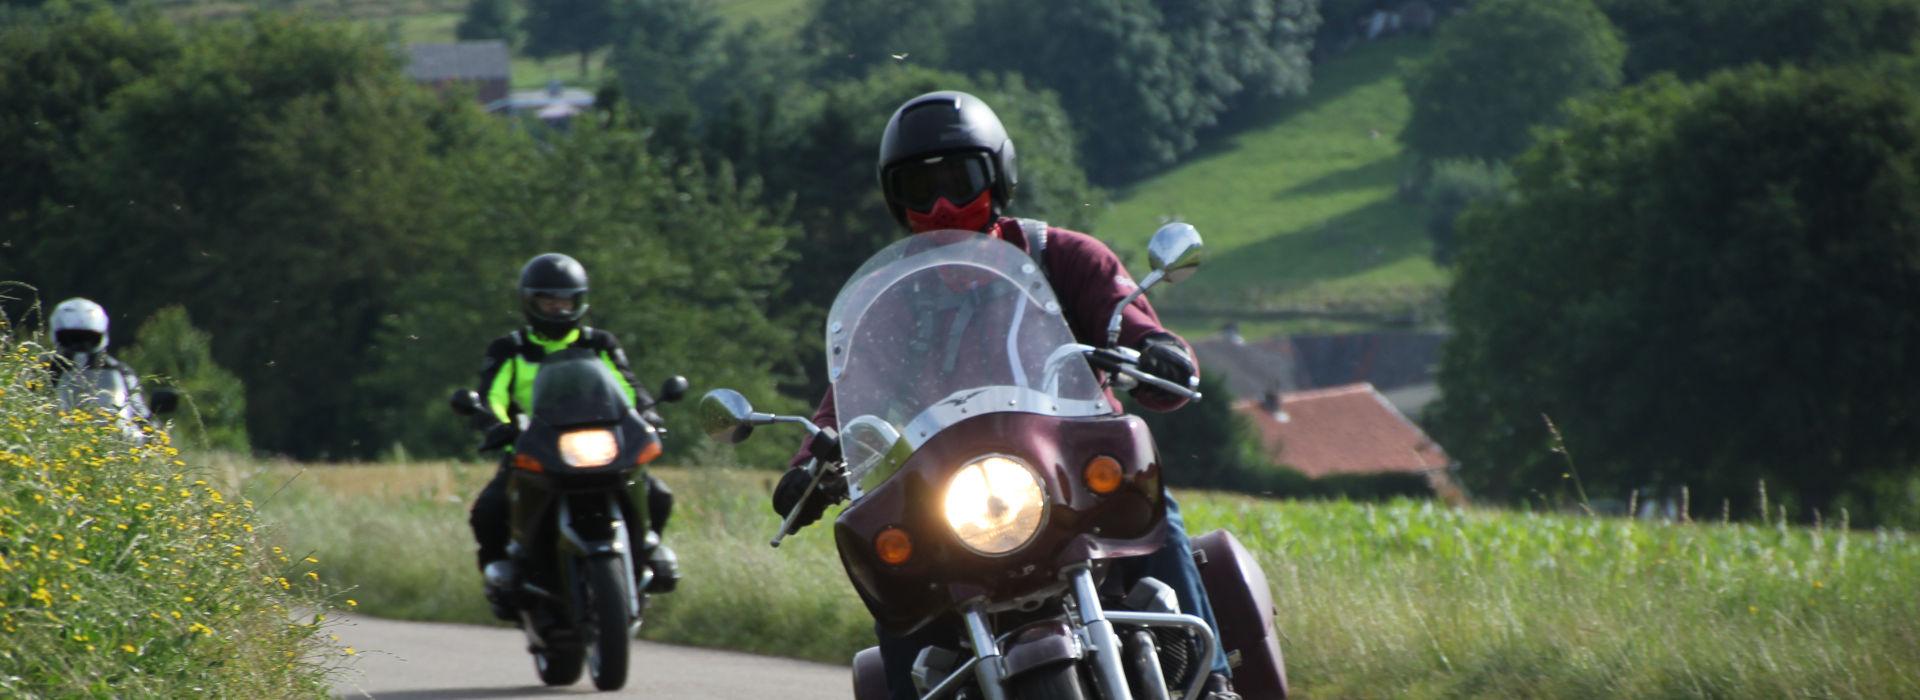 Motorrijbewijspoint Tilburg snel motorrijbewijs halen